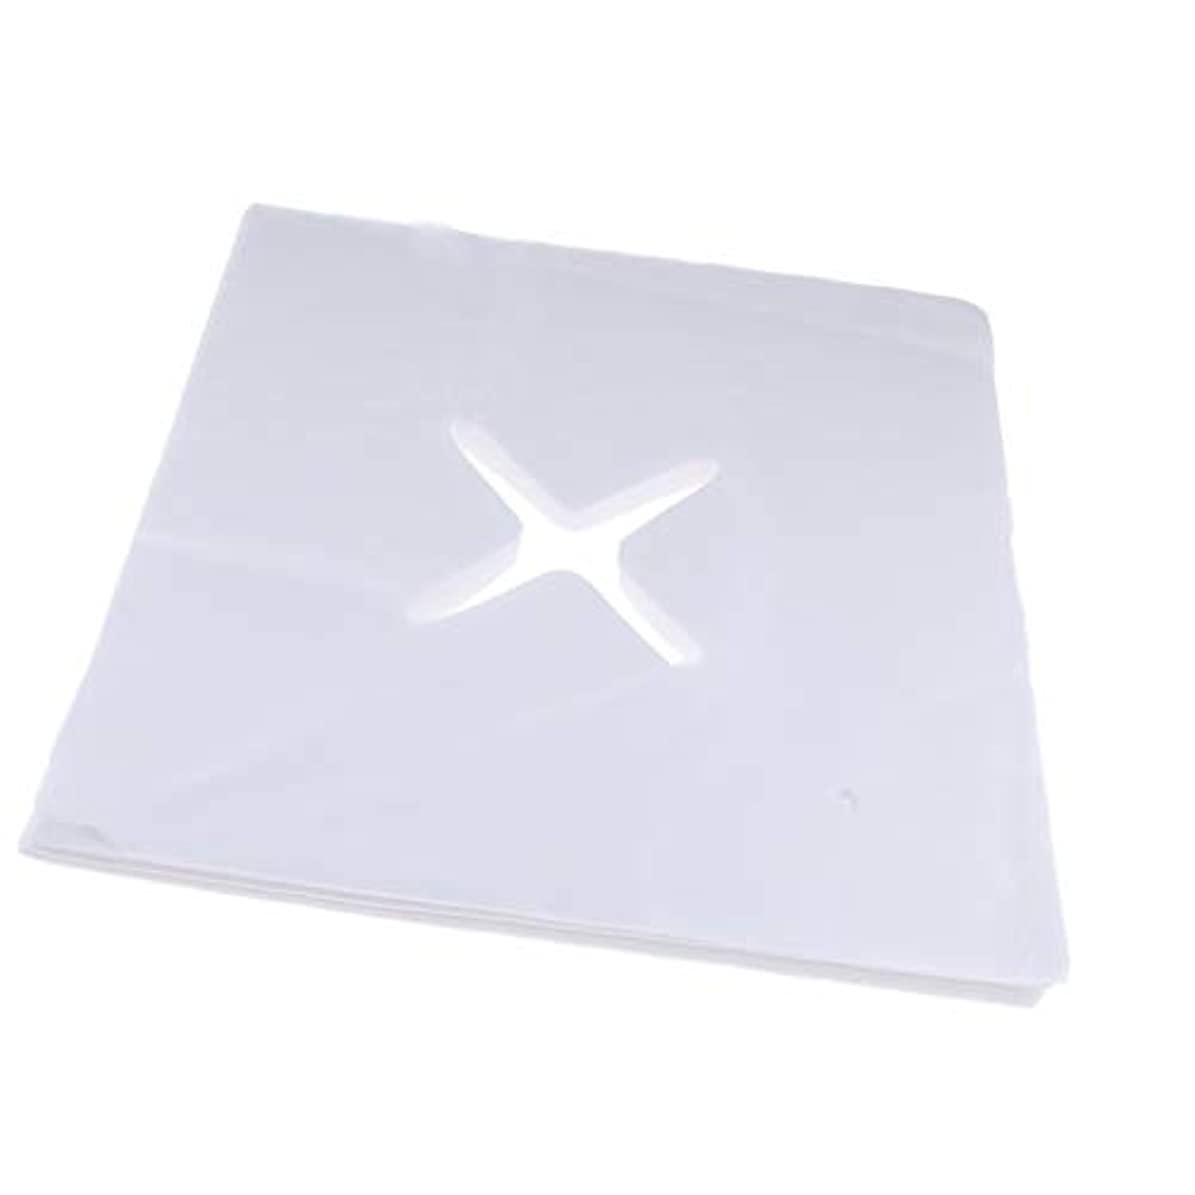 浴小屋そっと約200枚 十字カット 使い捨て ピローシート フェイスカバー 枕カバー クッション S/M - L